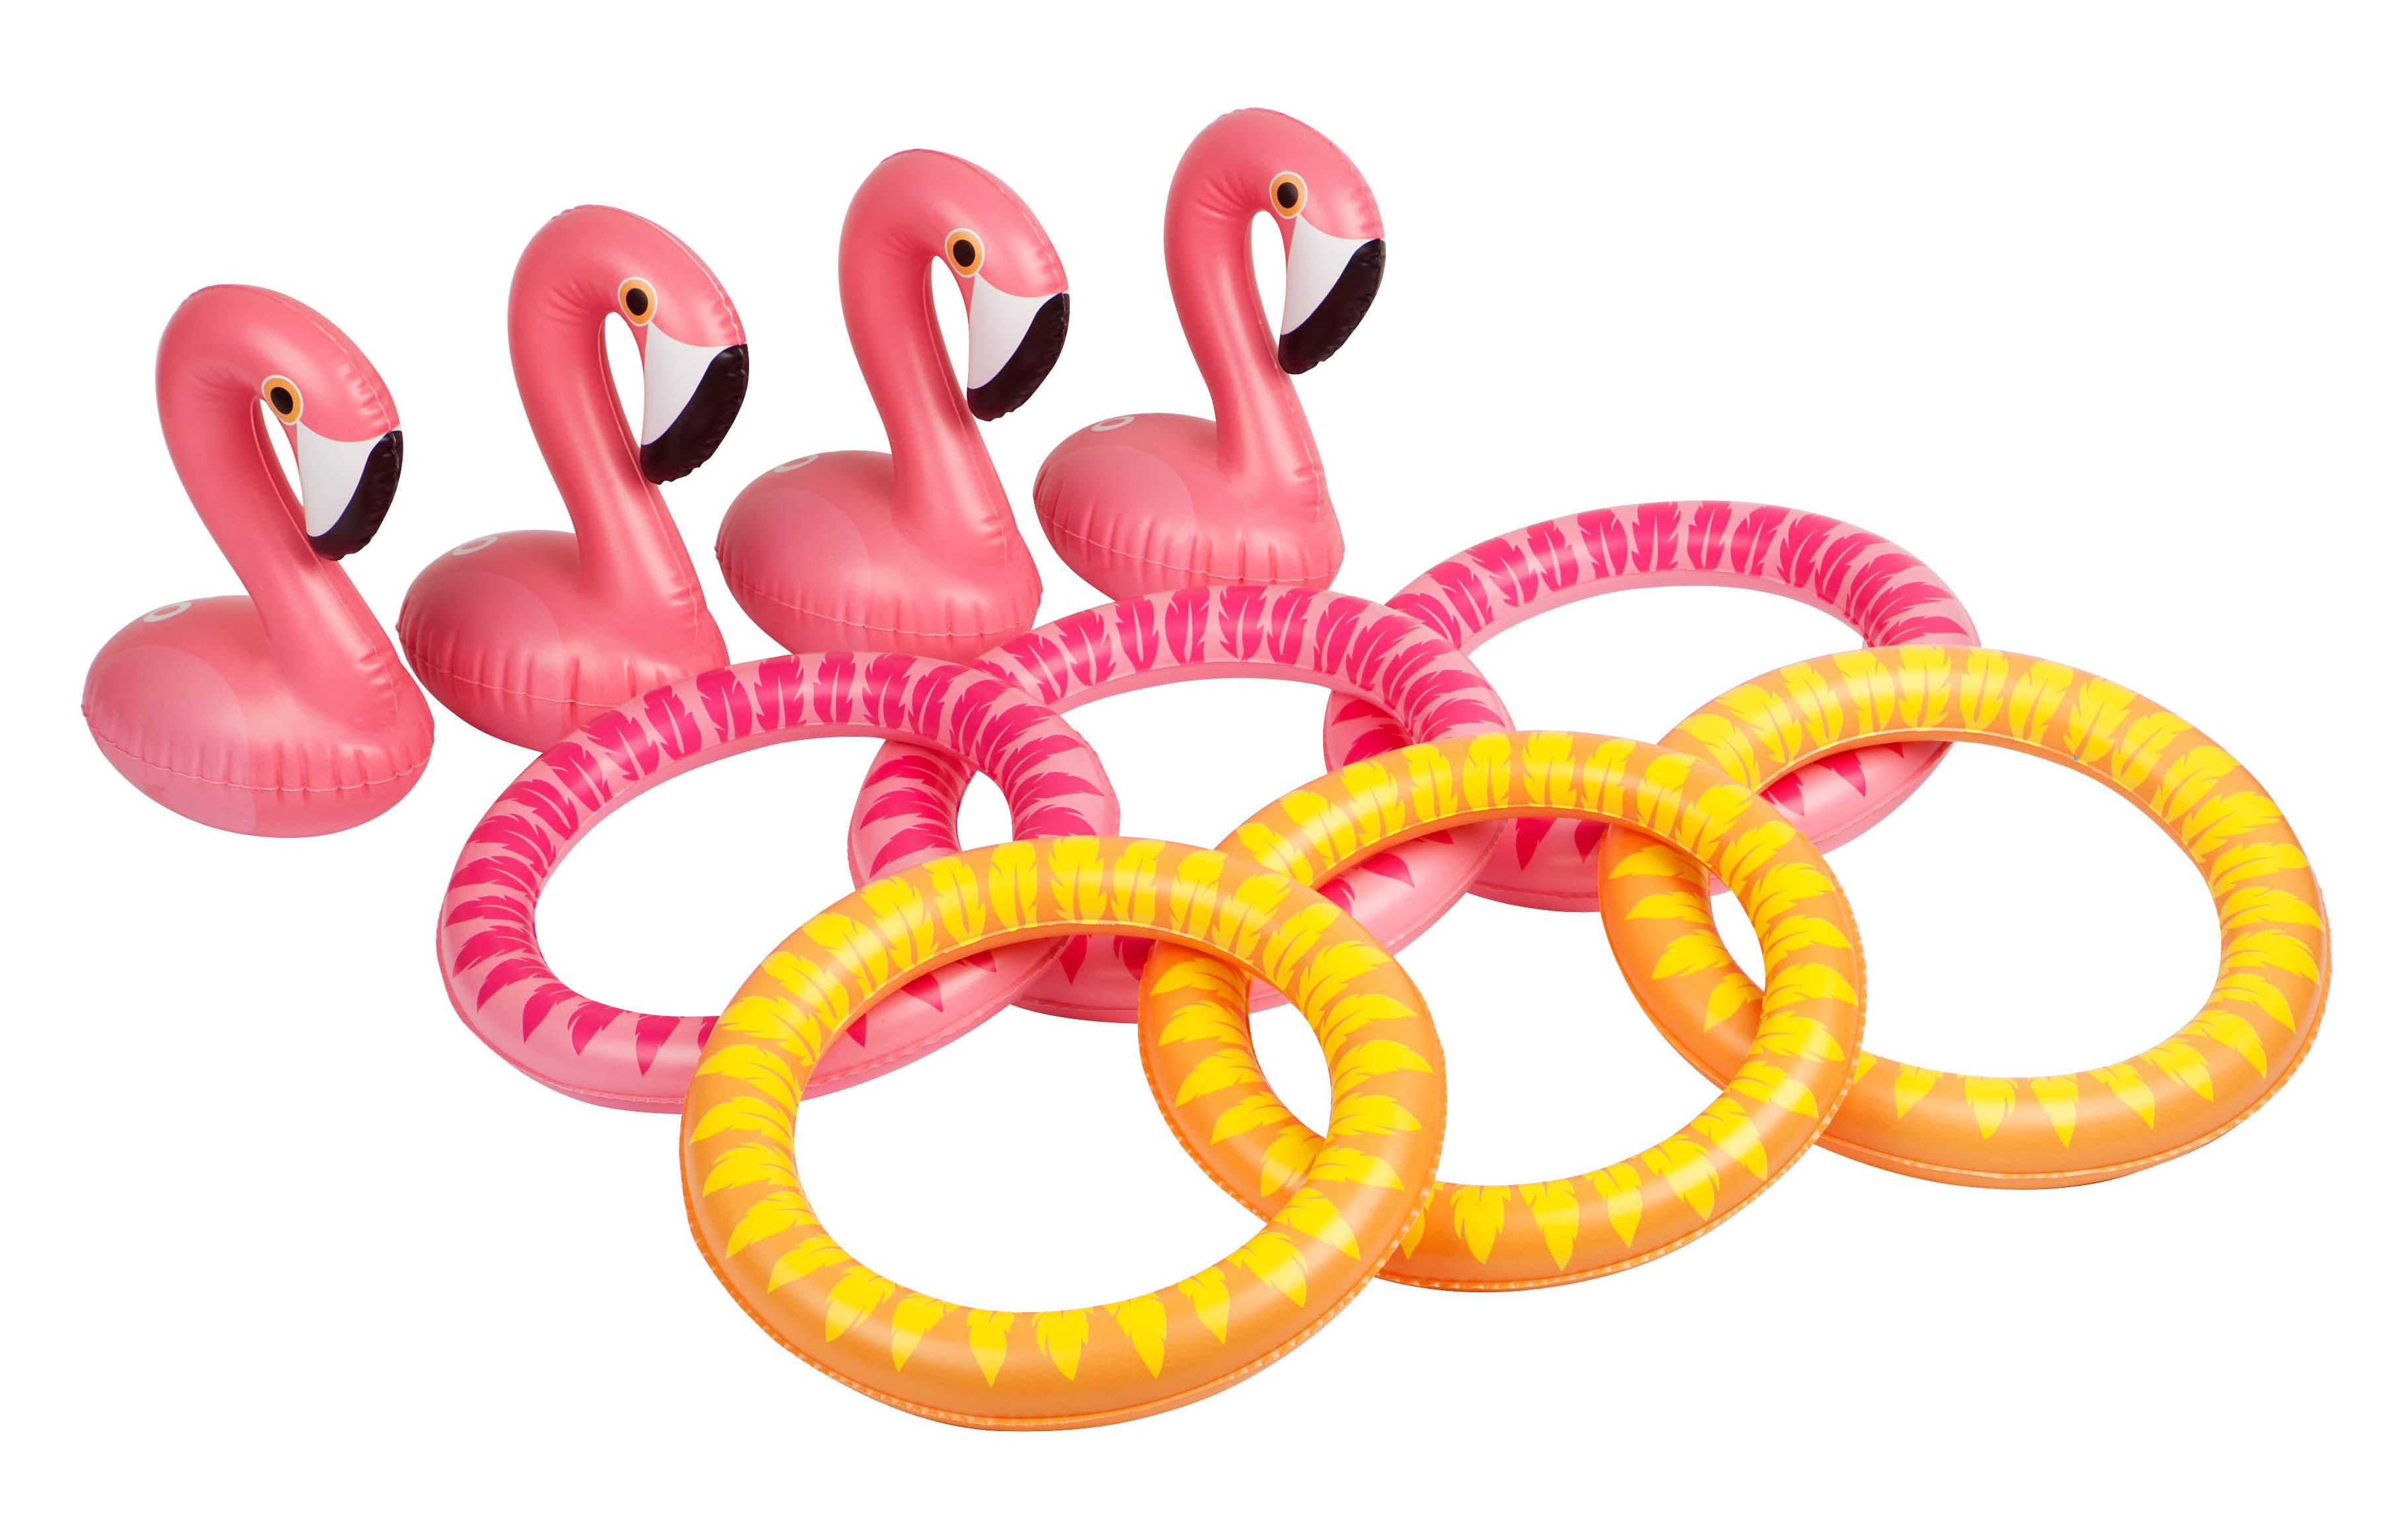 Déco - Pour les enfants - Jeu d'adresse / Flamant rose - Gonflable - Sunnylife - Flamant rose - PVC haute résistance